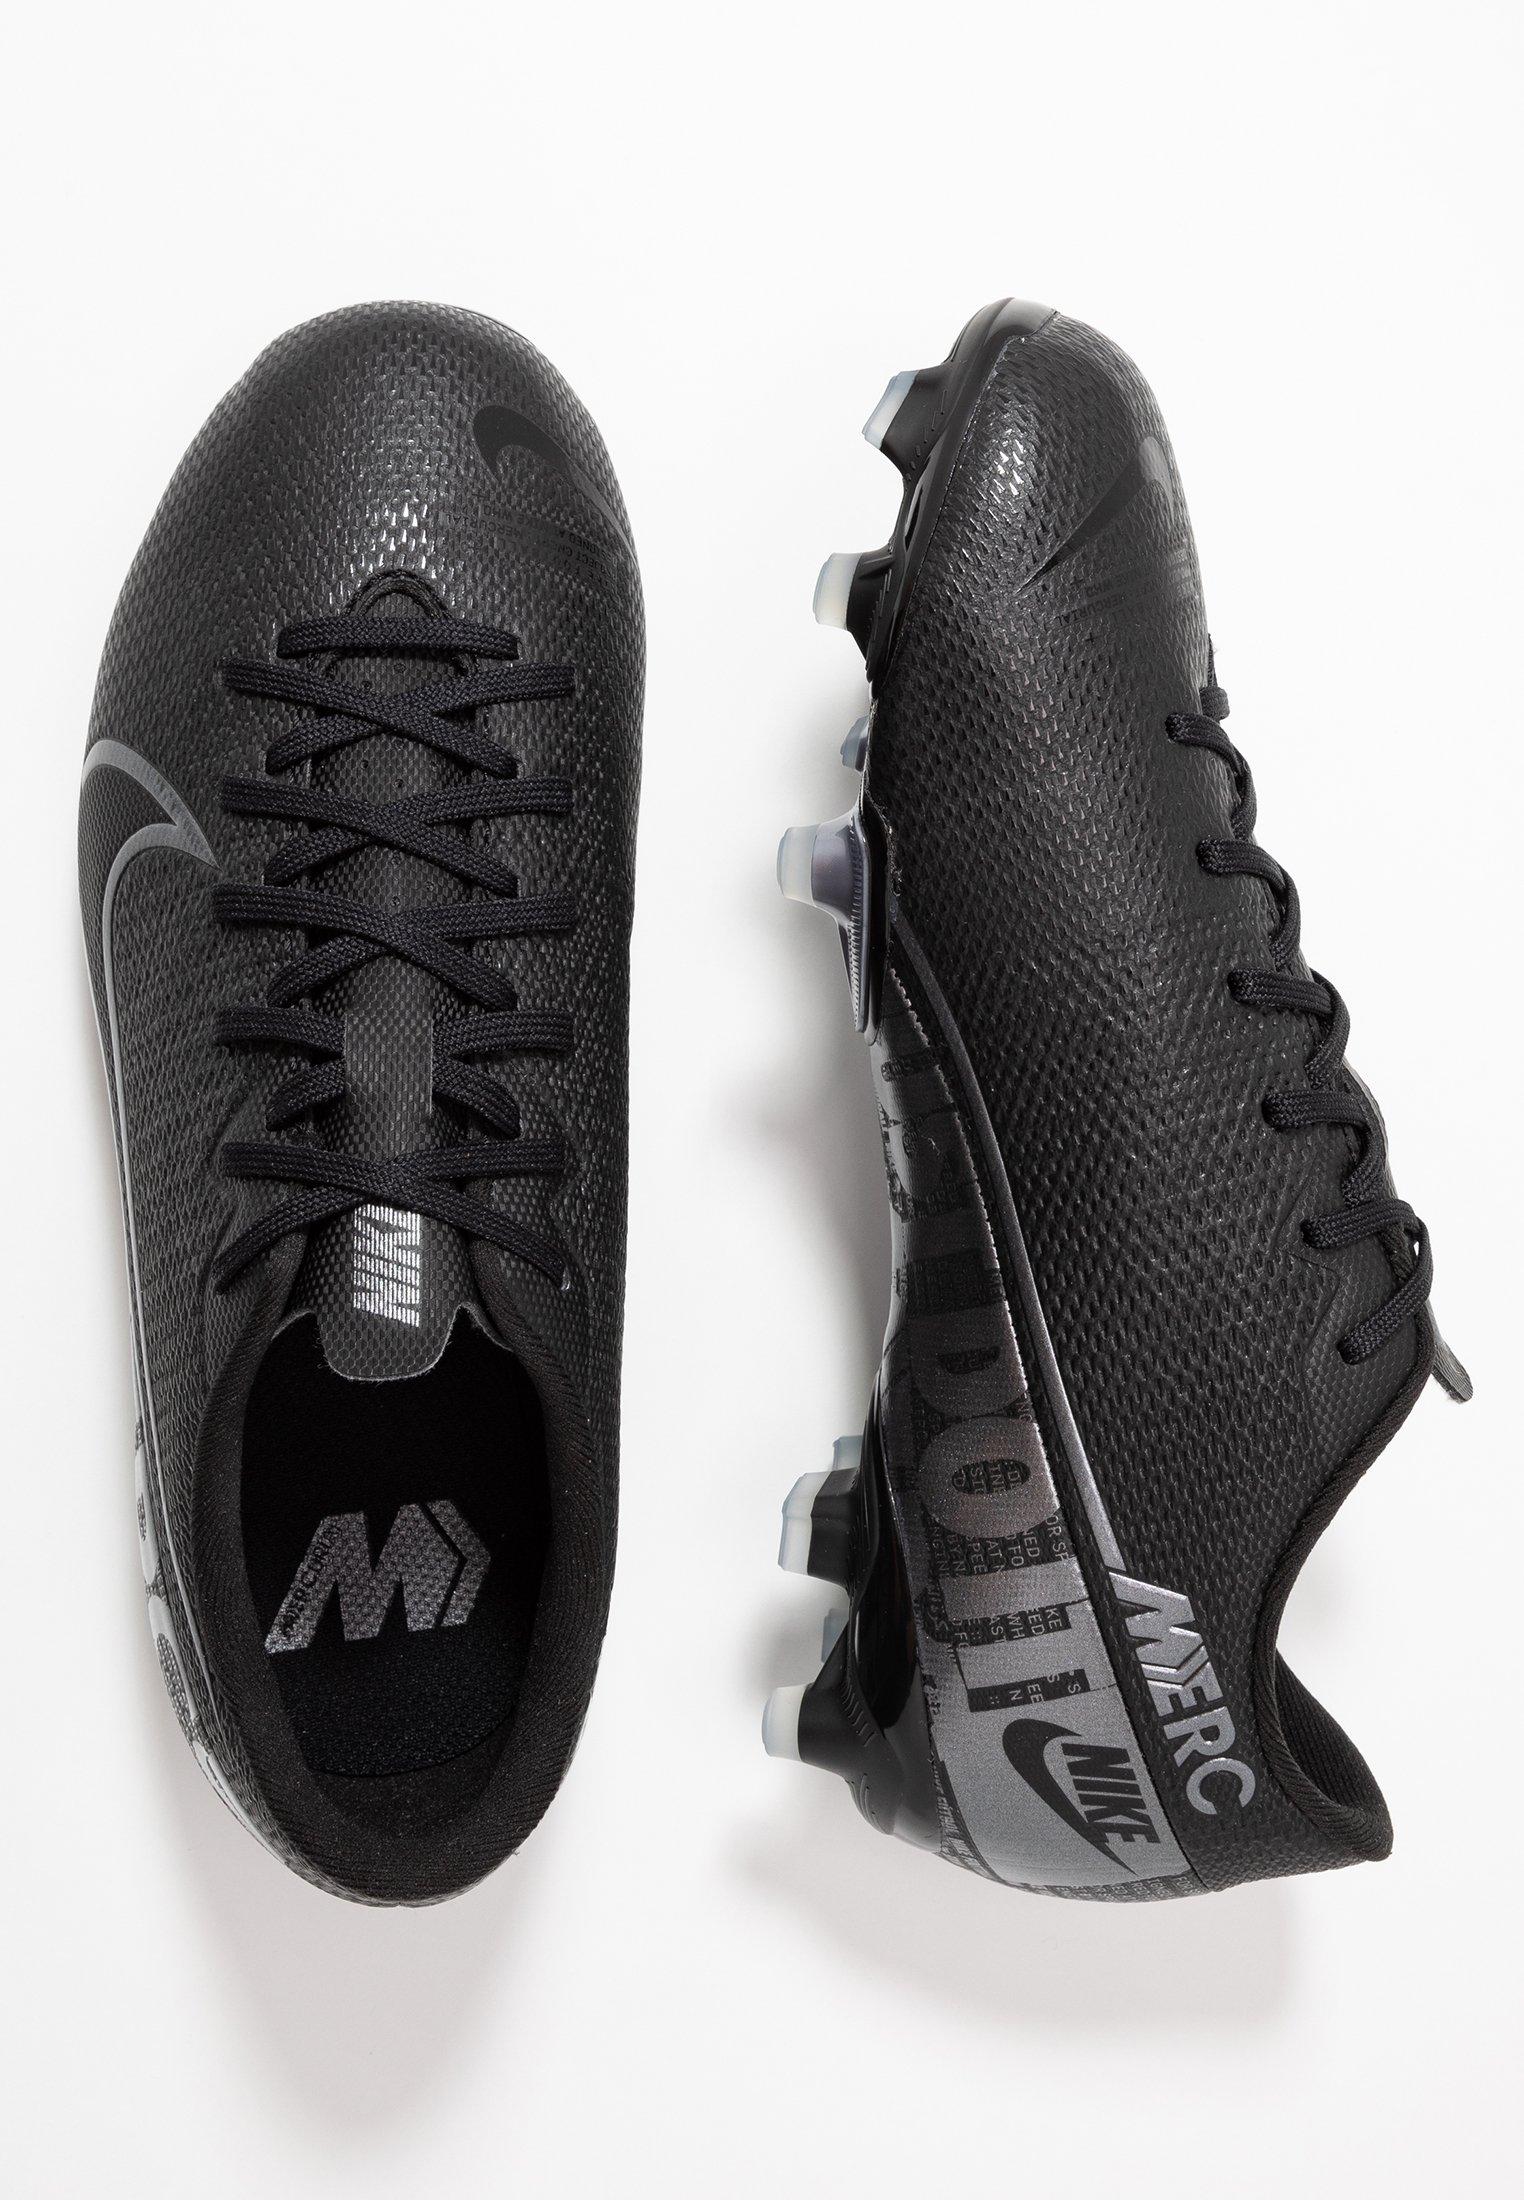 VAPOR 13 ACADEMY FGMG Voetbalschoenen met kunststof noppen blackmetallic cool greychrome